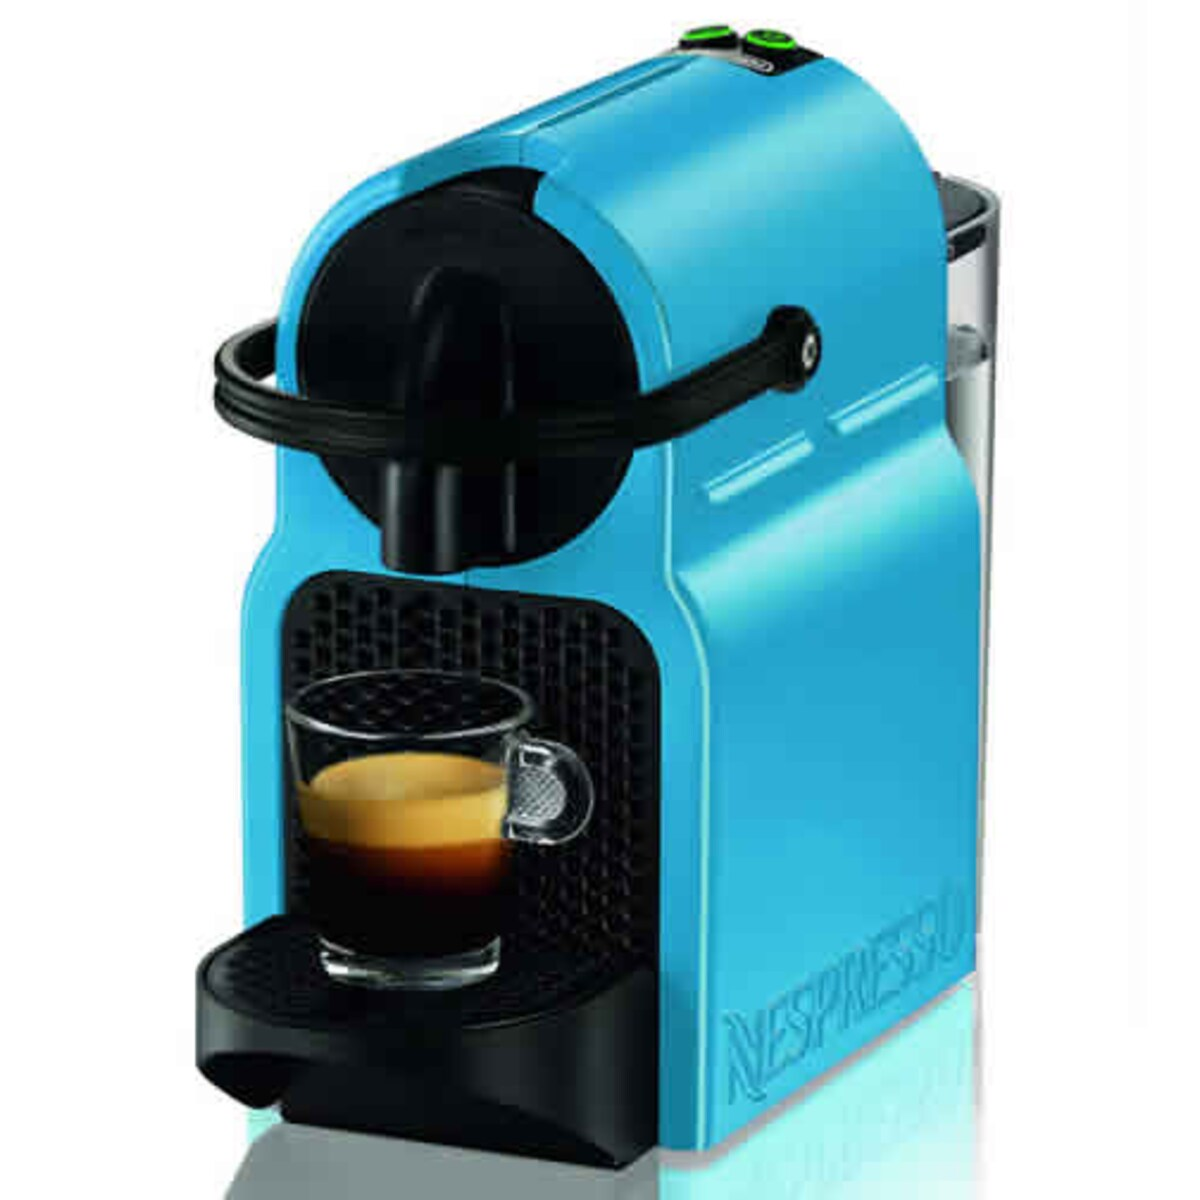 Nespresso Inissia Pacific Blue